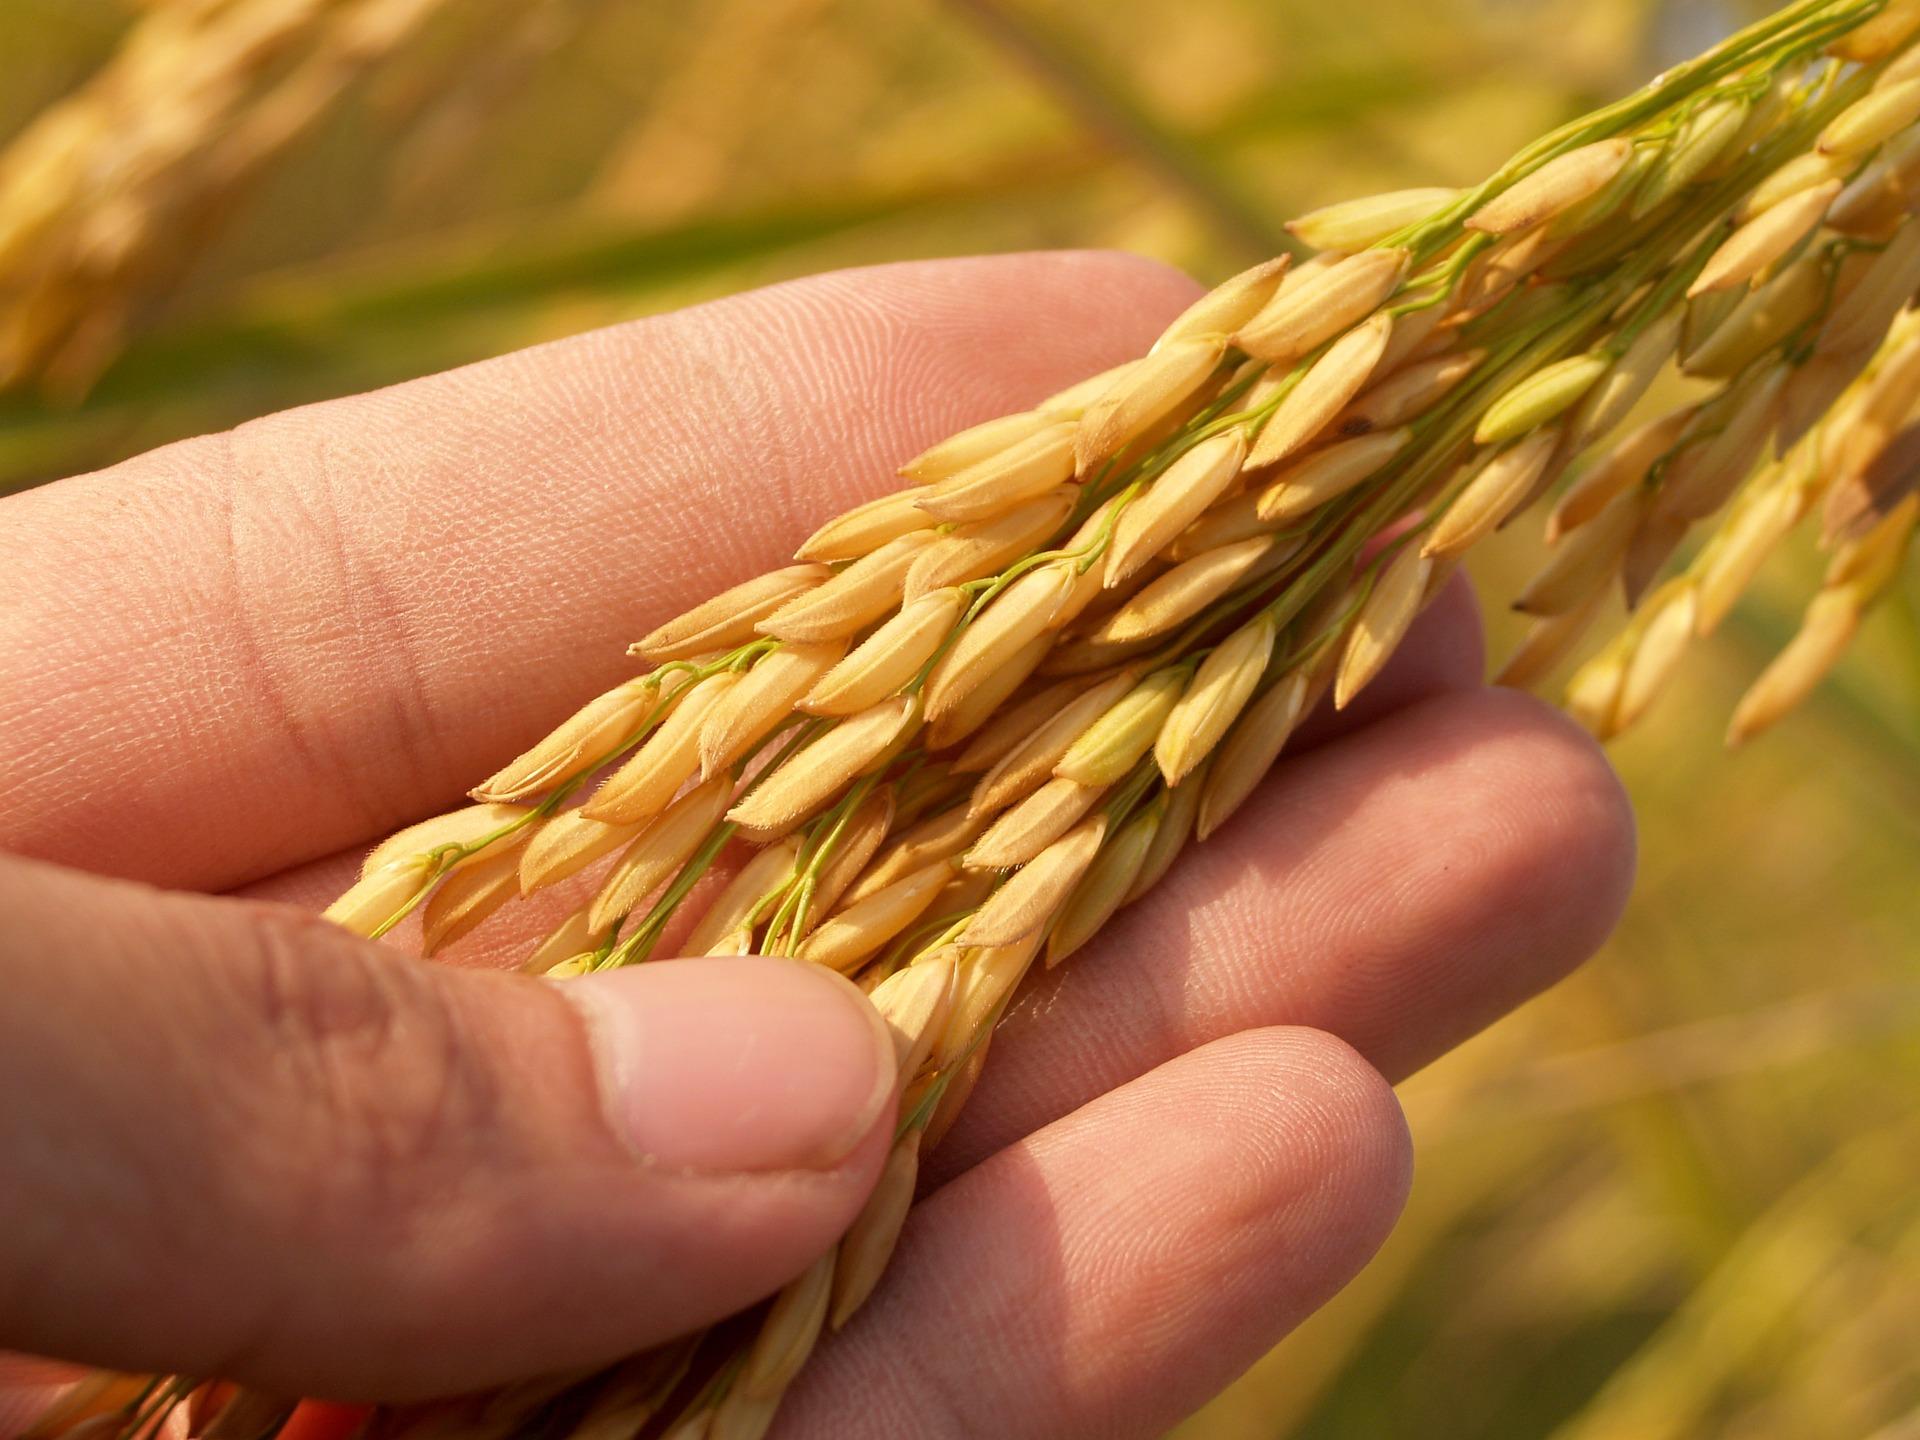 Agrotehnoloski uslovi za uzgoj pirinča